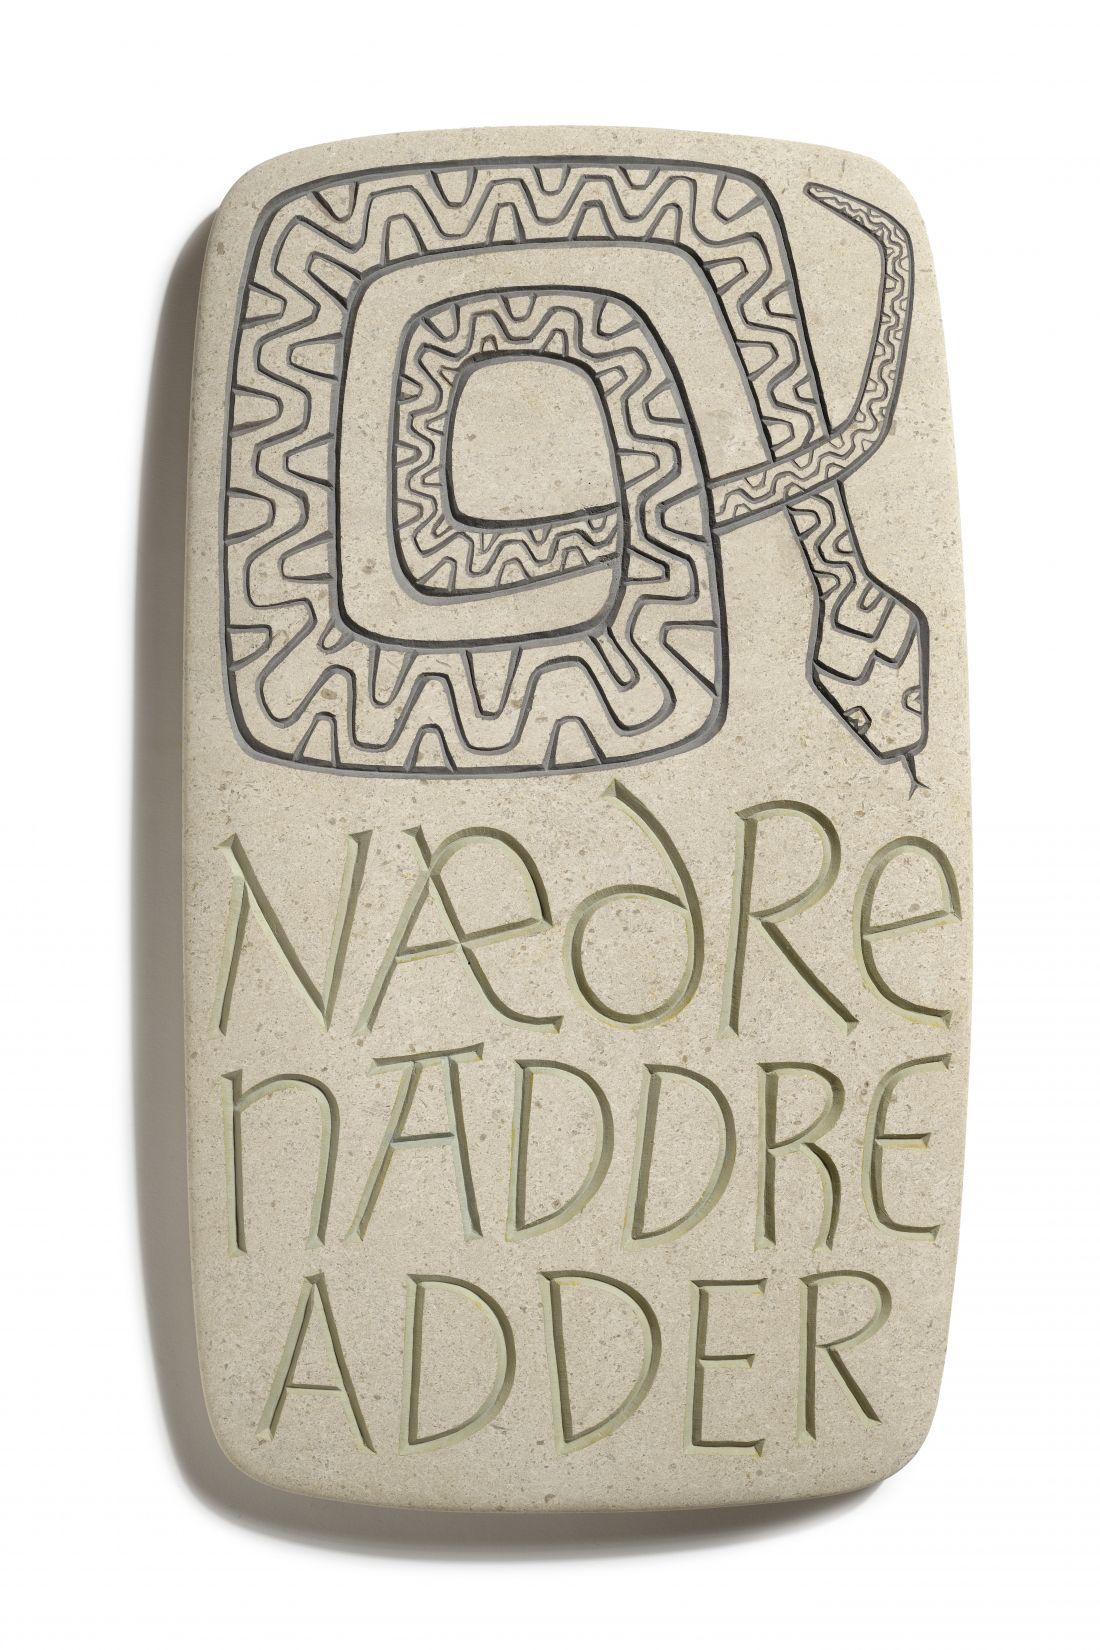 Adder, by Geoff Aldred